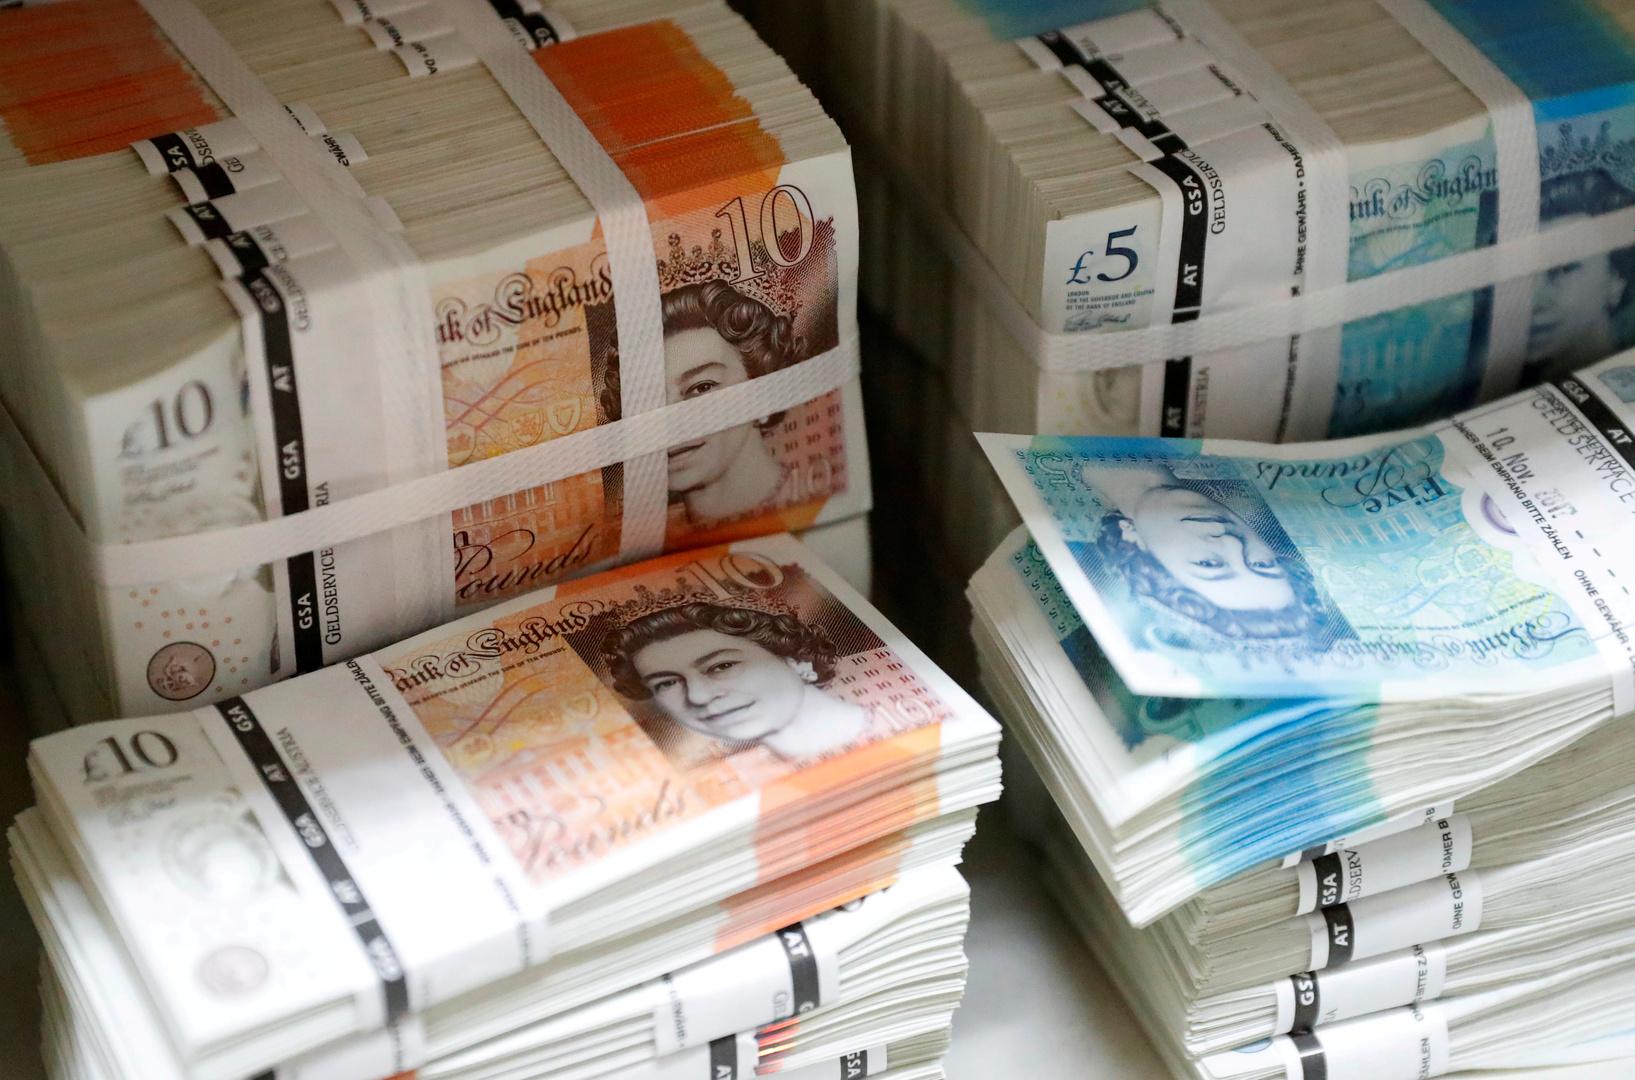 المملكة المتحدة تسجل أعلى زيادة لعجز الموازنة منذ عام 1946